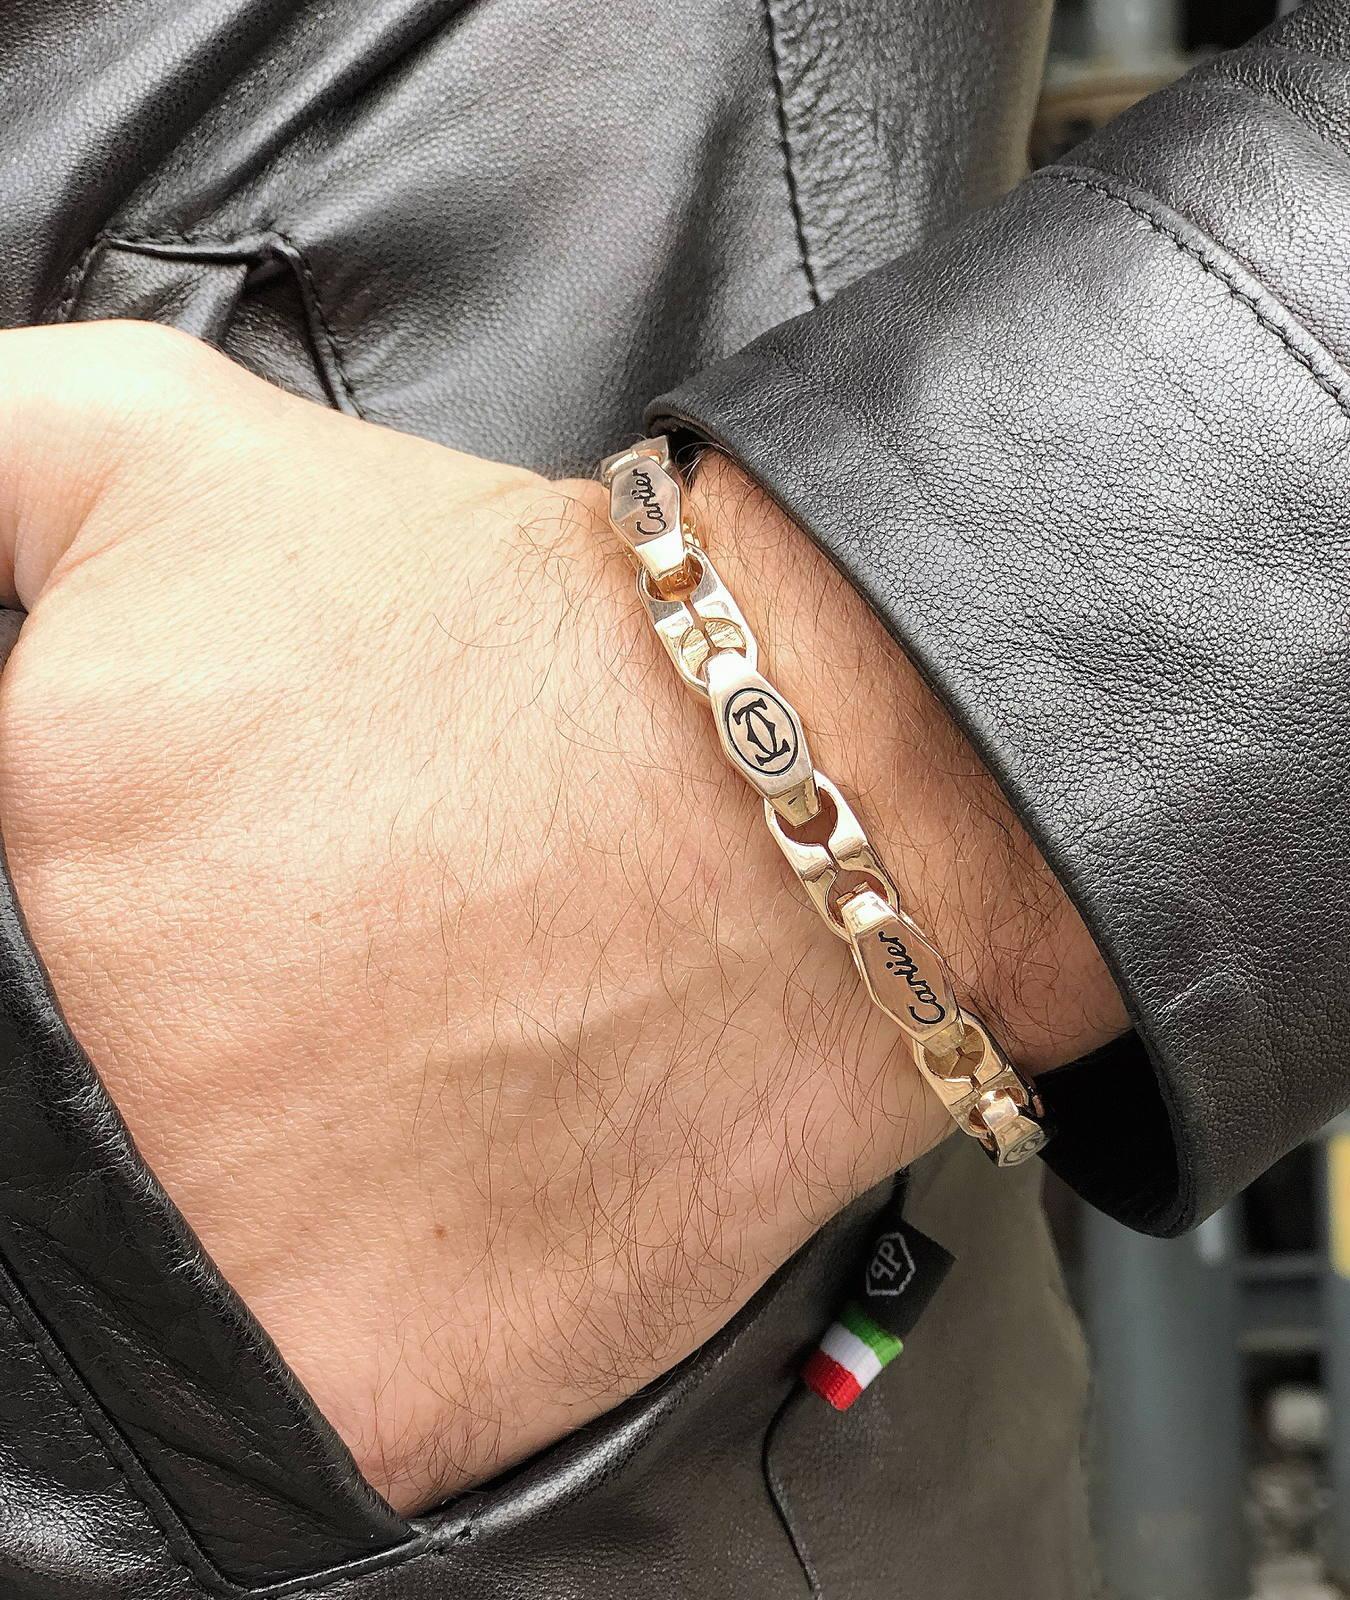 мужской браслет с логотипом Cartier